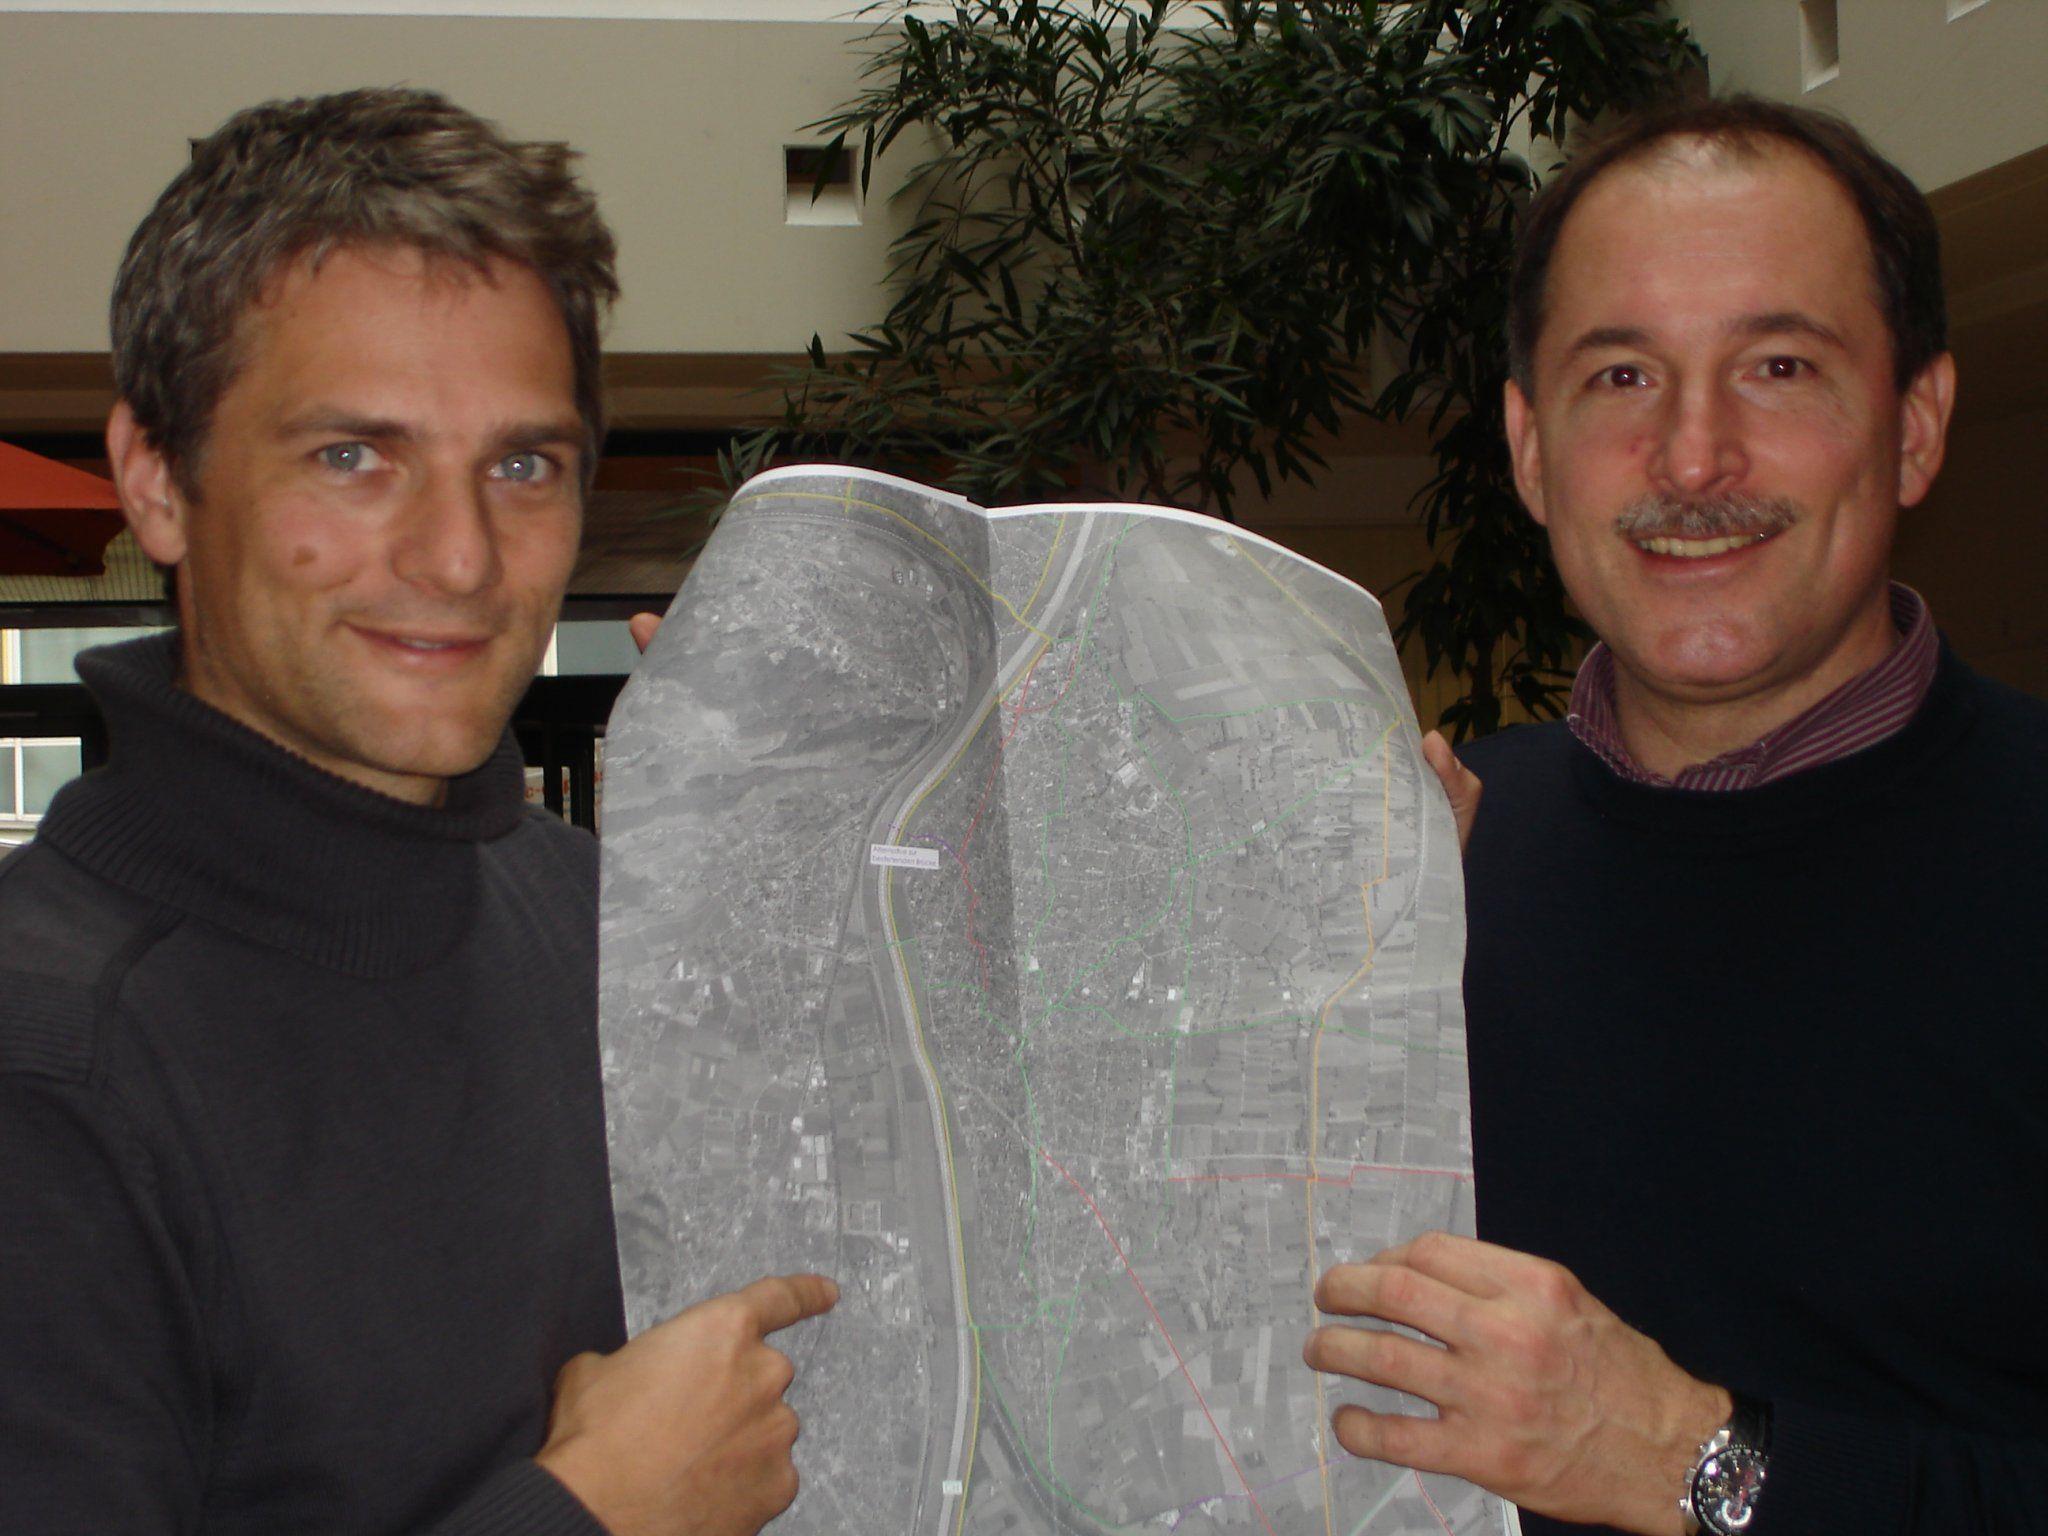 Auditor Martin Reis und GR Dietmar Haller zeigen die Standortbestimmung auf dem Plan.